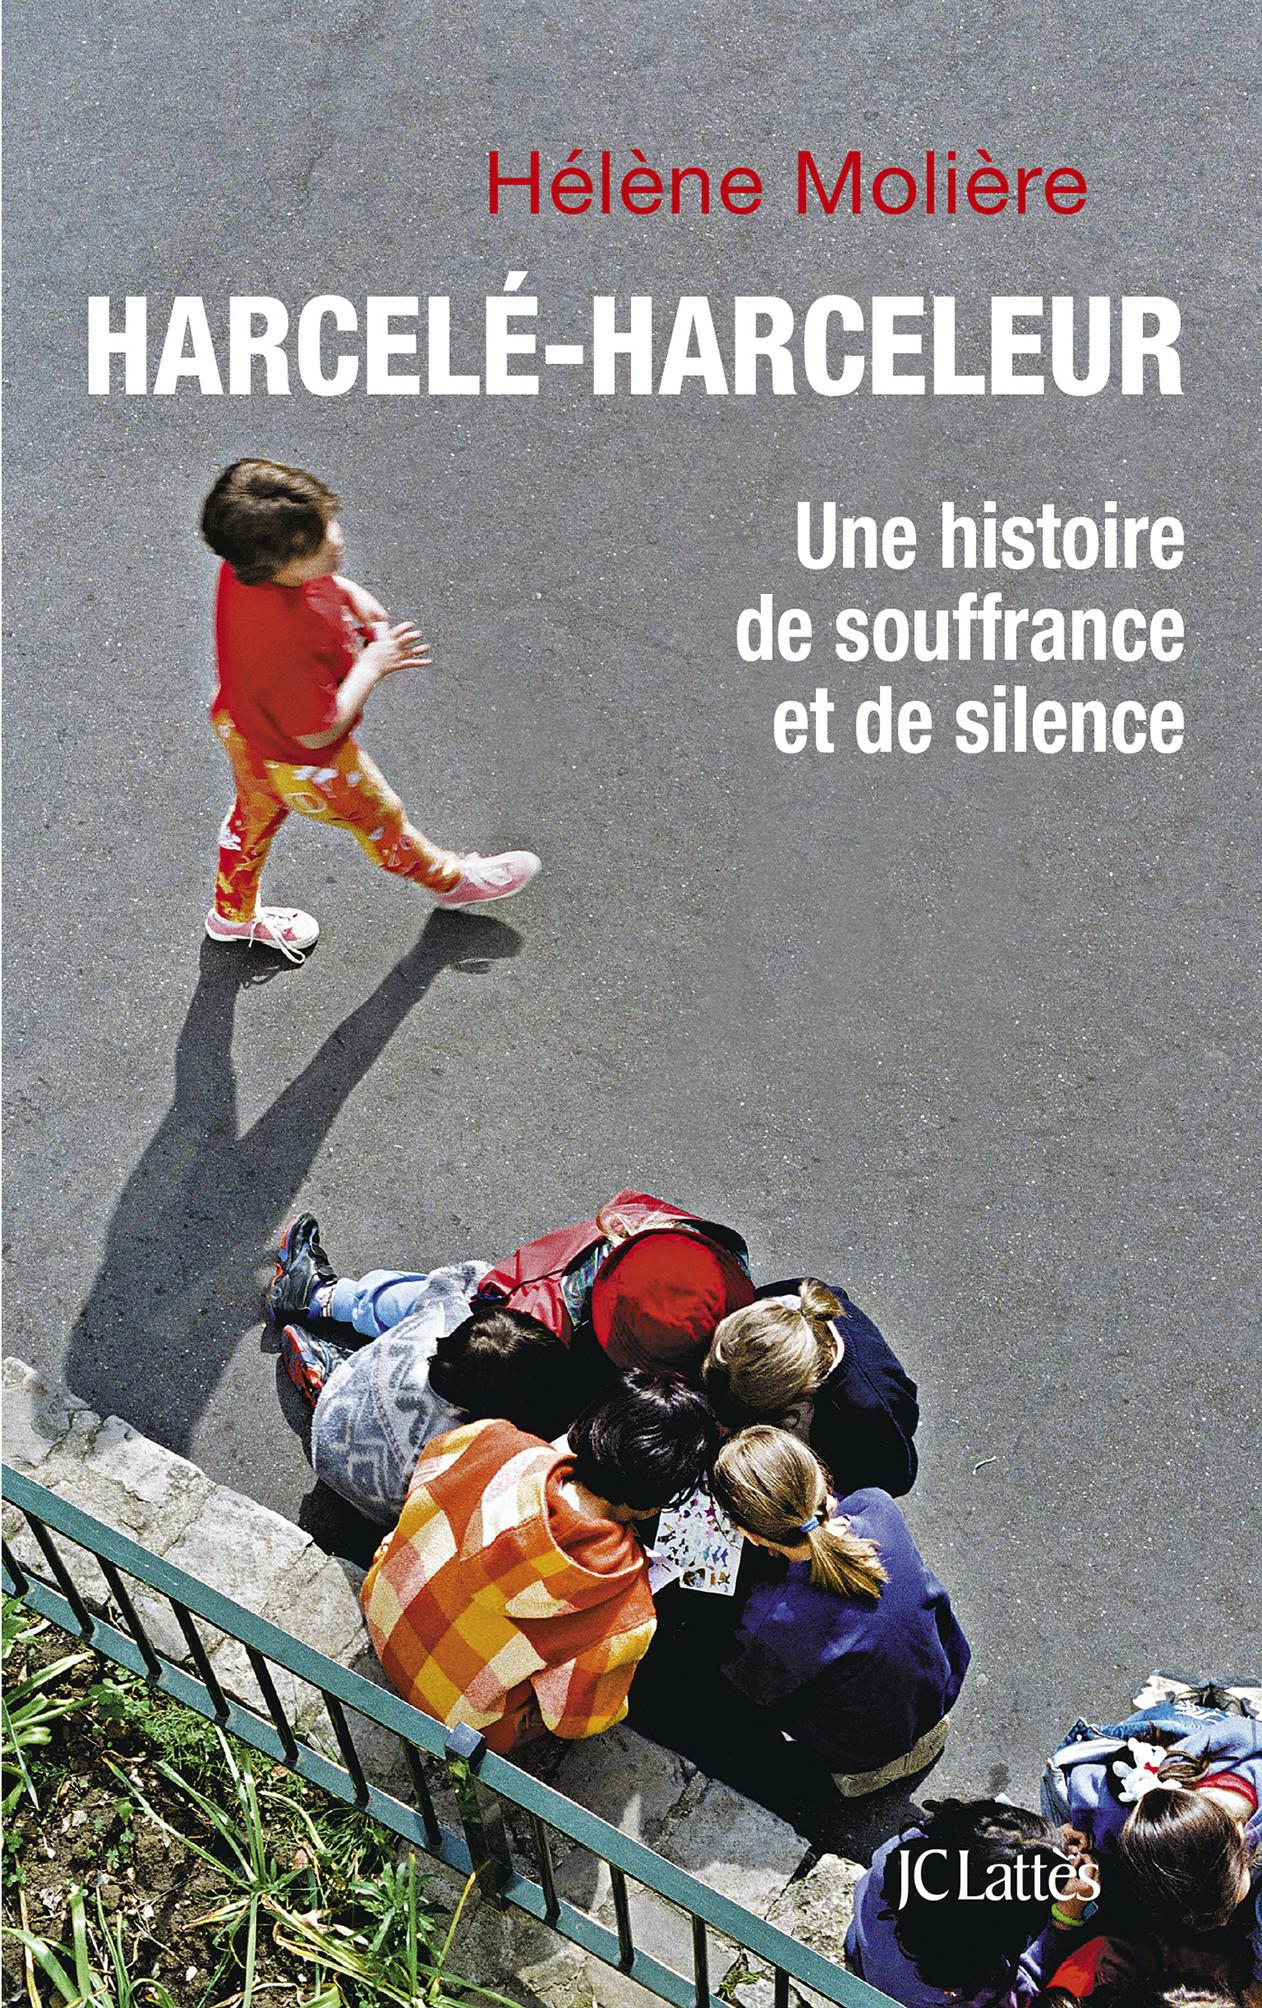 TELECHARGER MAGAZINE Harcelé-harceleur : Une histoire de souffrance et de silence